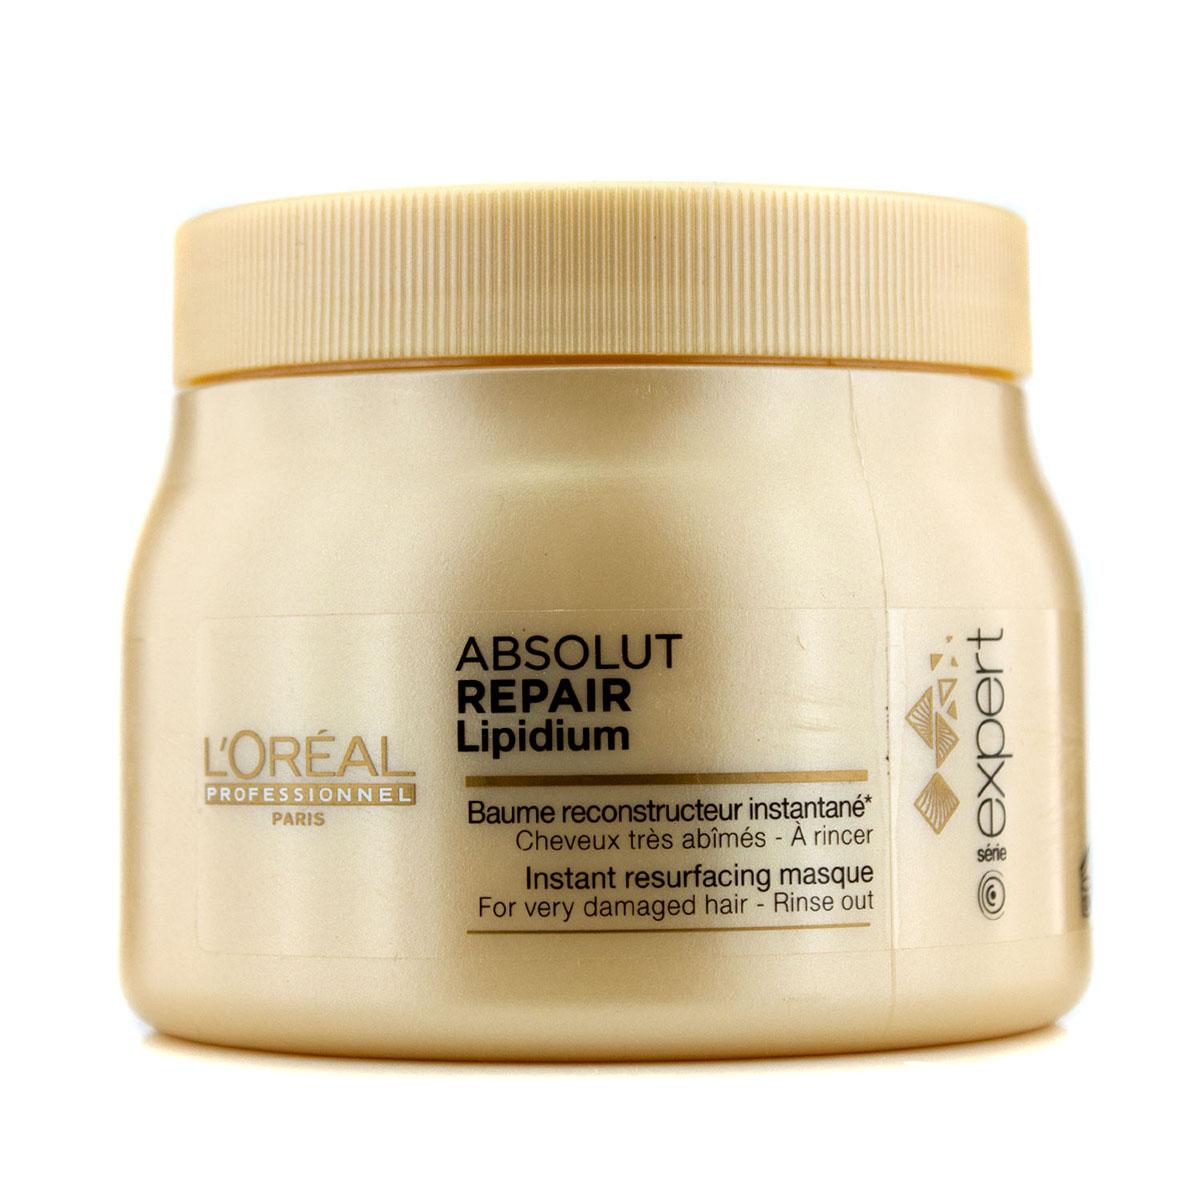 LOreal Professionnel Маска, восстанавливающая структуру волос на клеточном уровне Expert Absolut Repair Lipidium - 500 мл